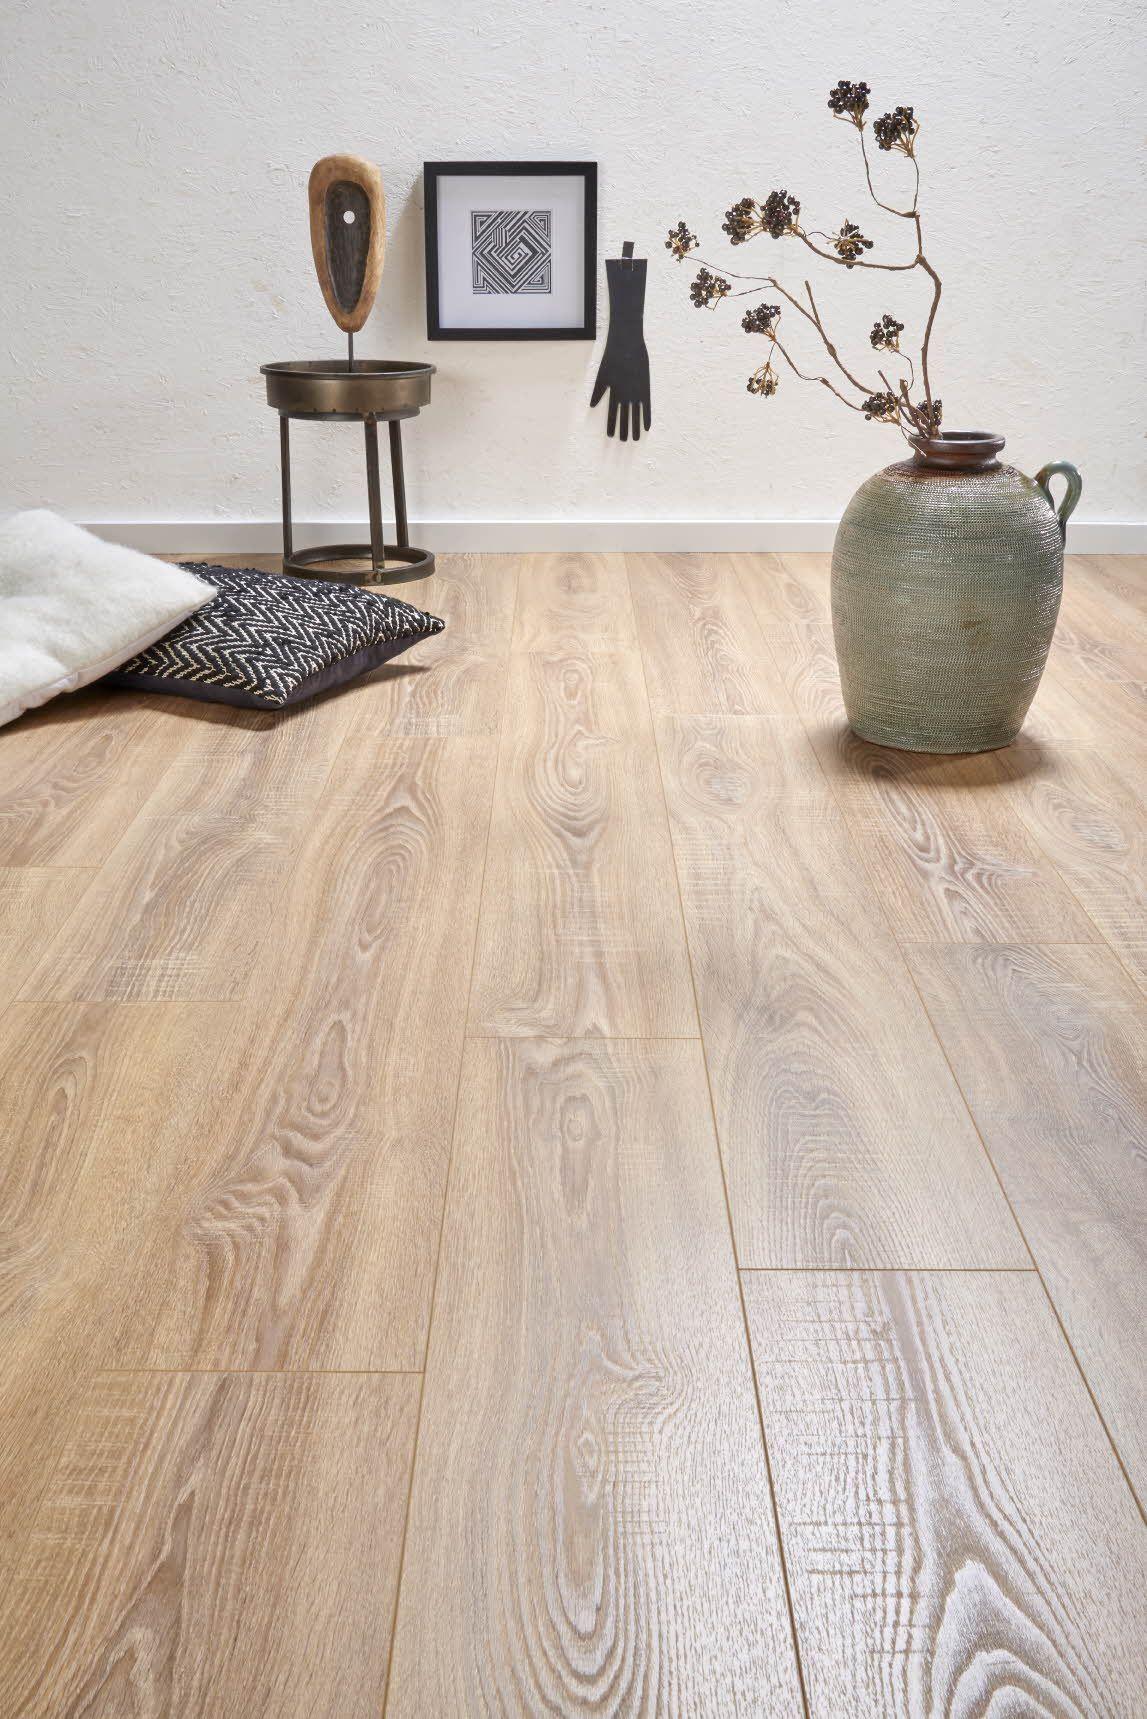 praxis de ode laminaat pure siena vloer inspiratie praxis